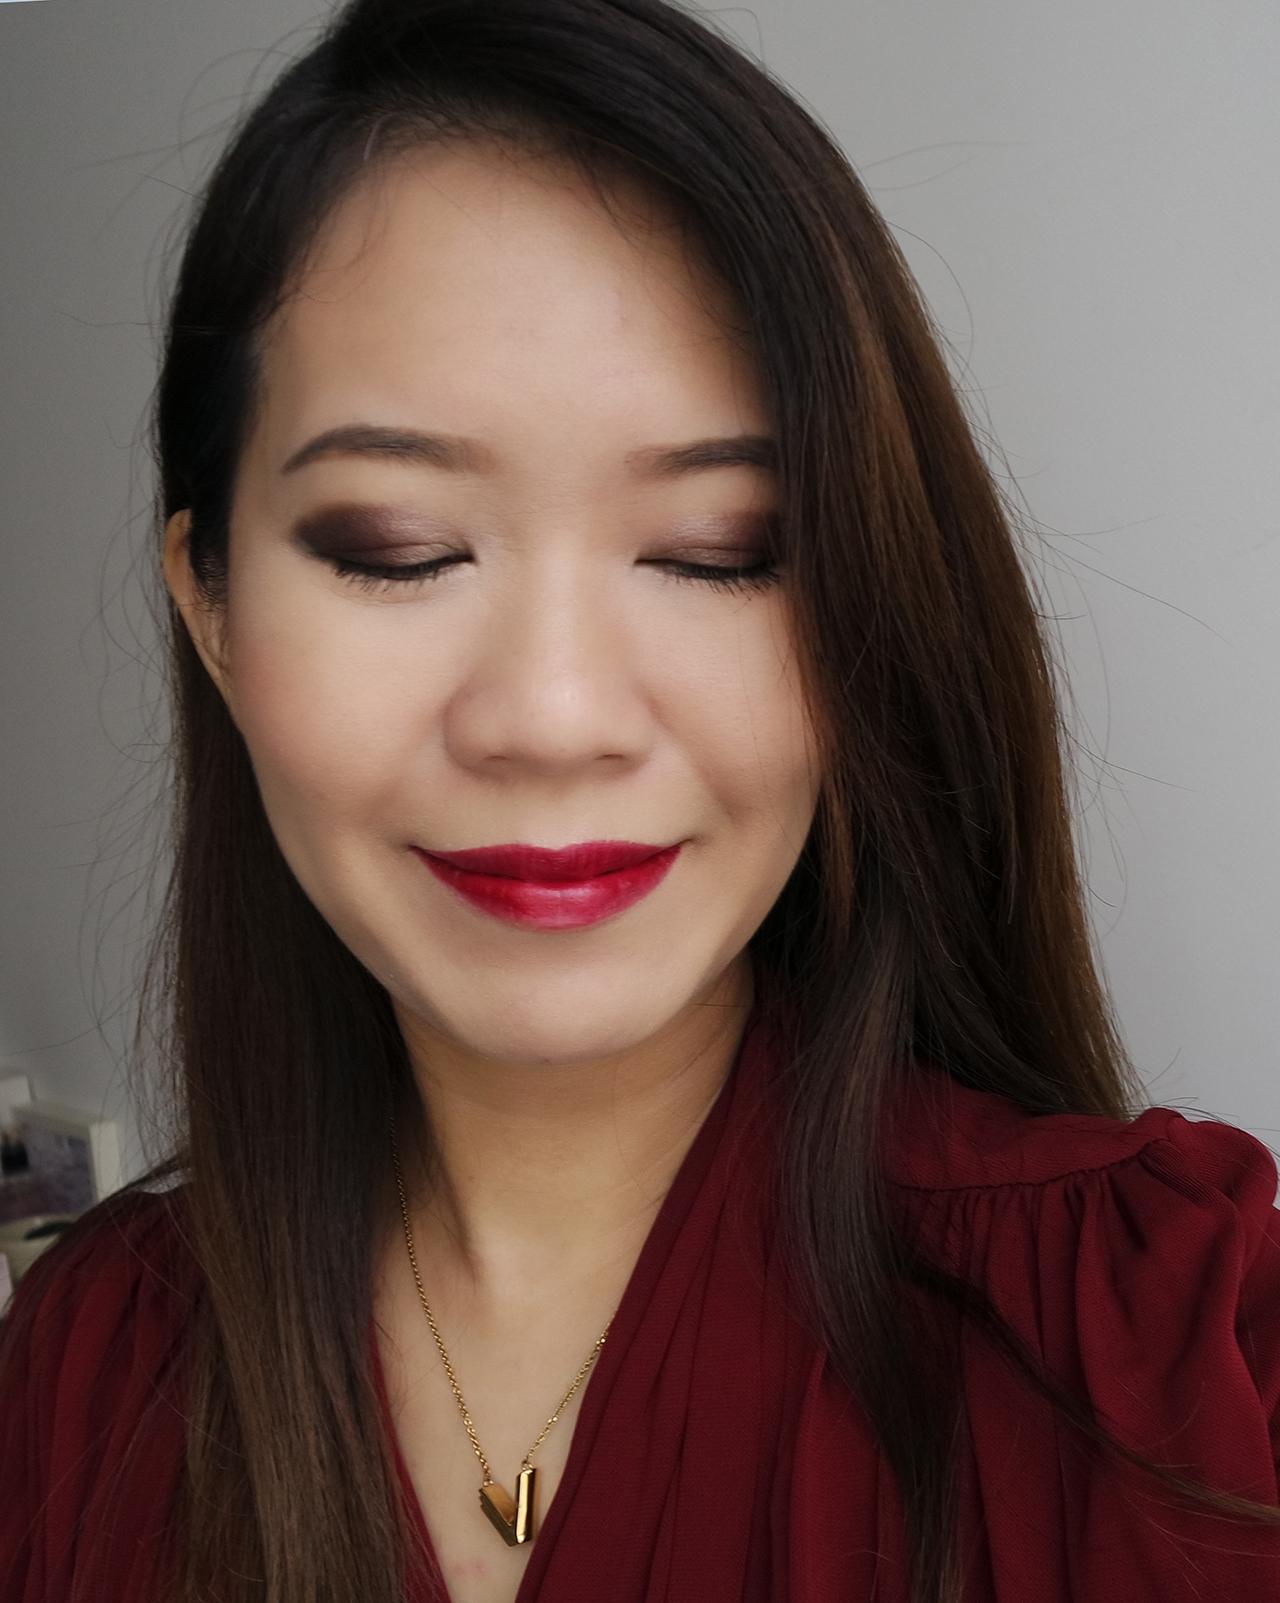 Chanel Collection Libre 2017 makeup look ft Trait de Caractere, Joues Contraste So Close, Rouge Allure Velvet 3